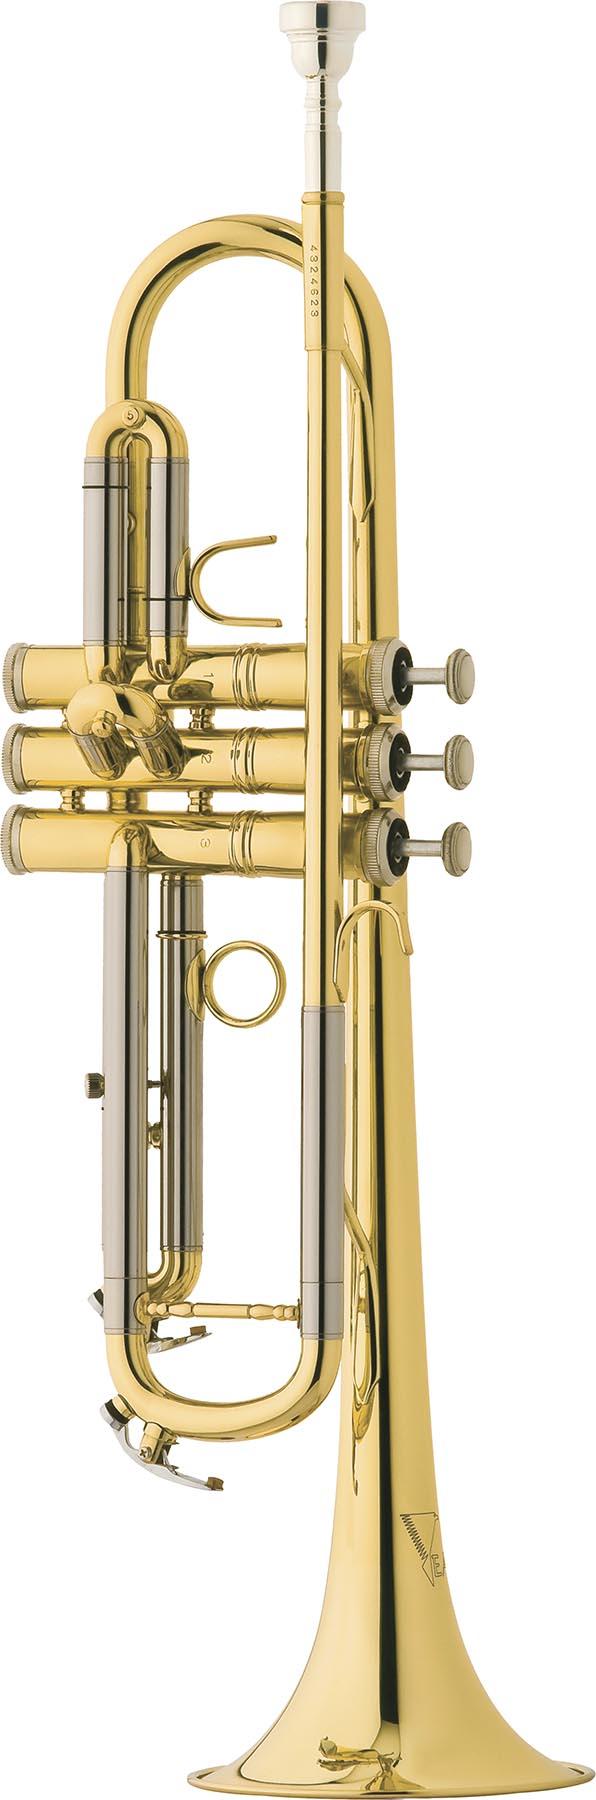 tr504 trompete 3 pistos eagle tr504 laqueado vertical